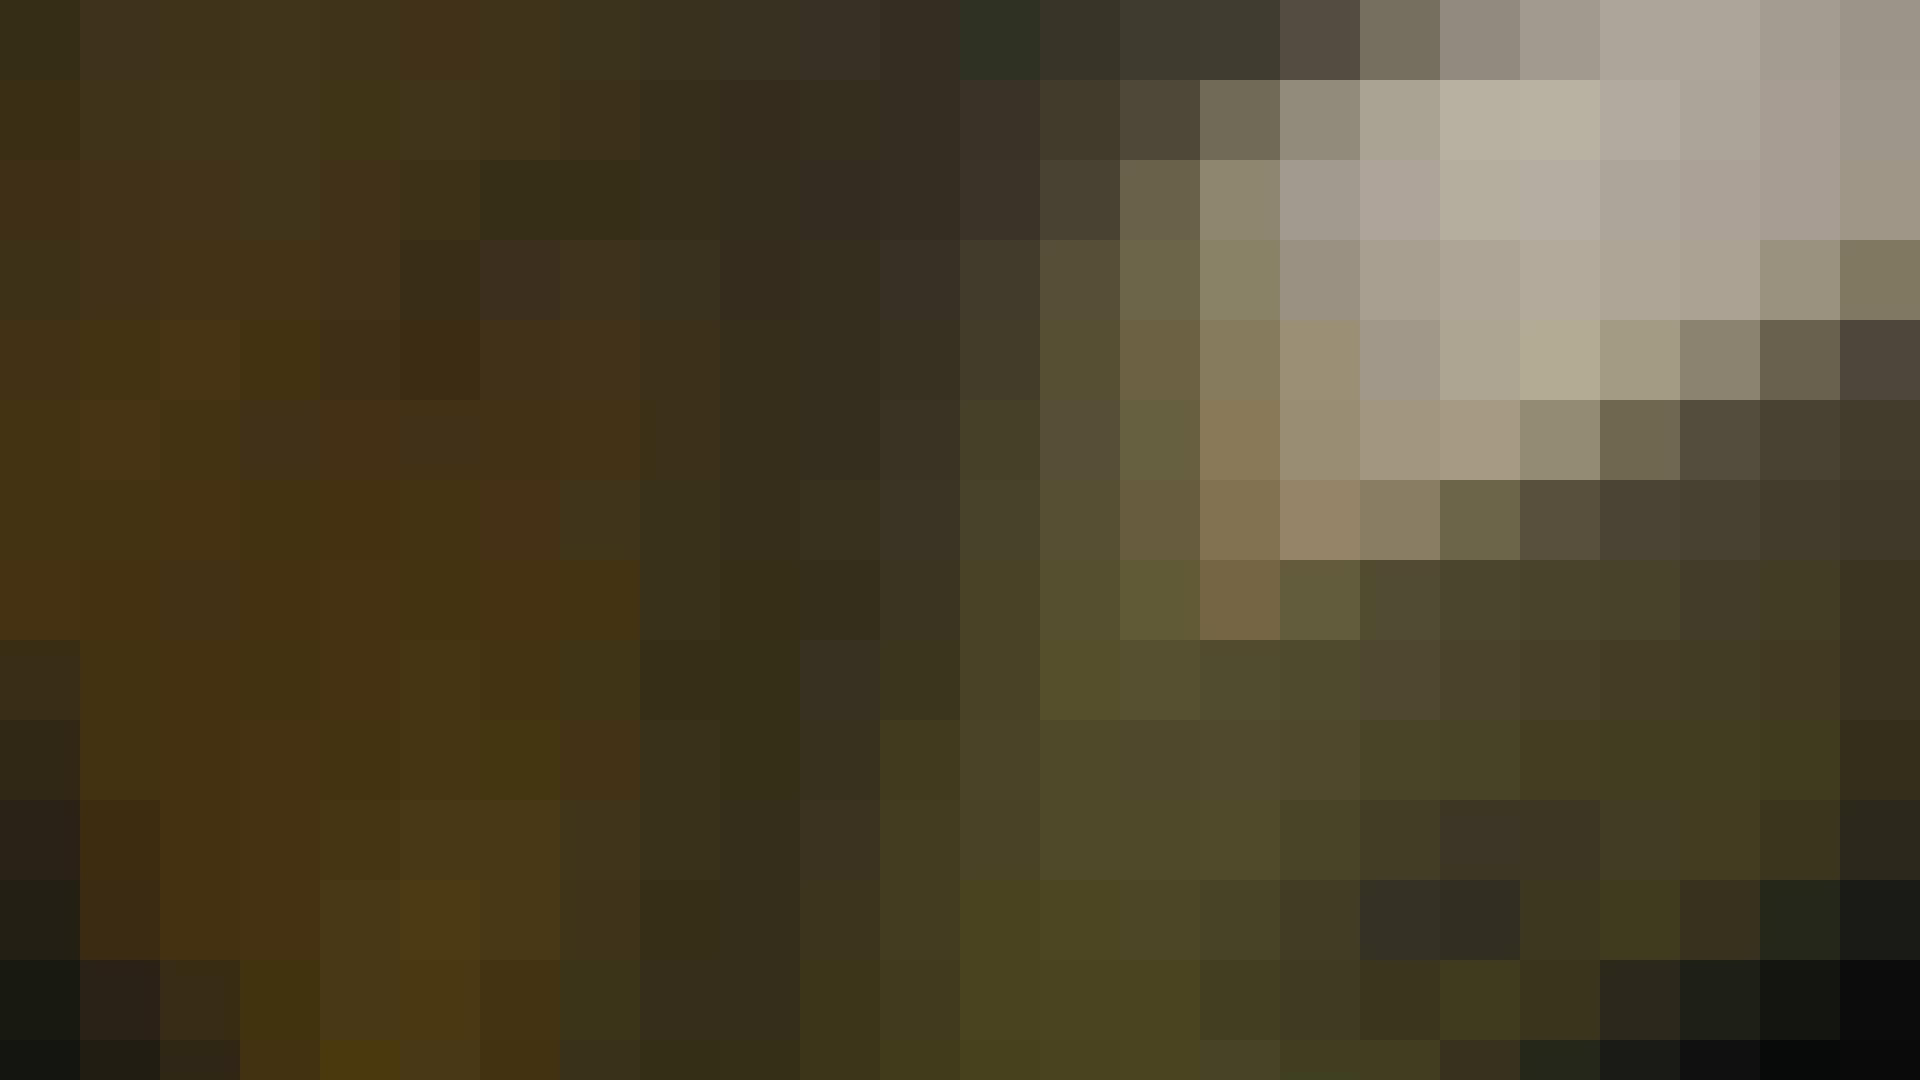 阿国ちゃんの「和式洋式七変化」No.18 iBO(フタコブ) 洗面所着替え   和式  83連発 67